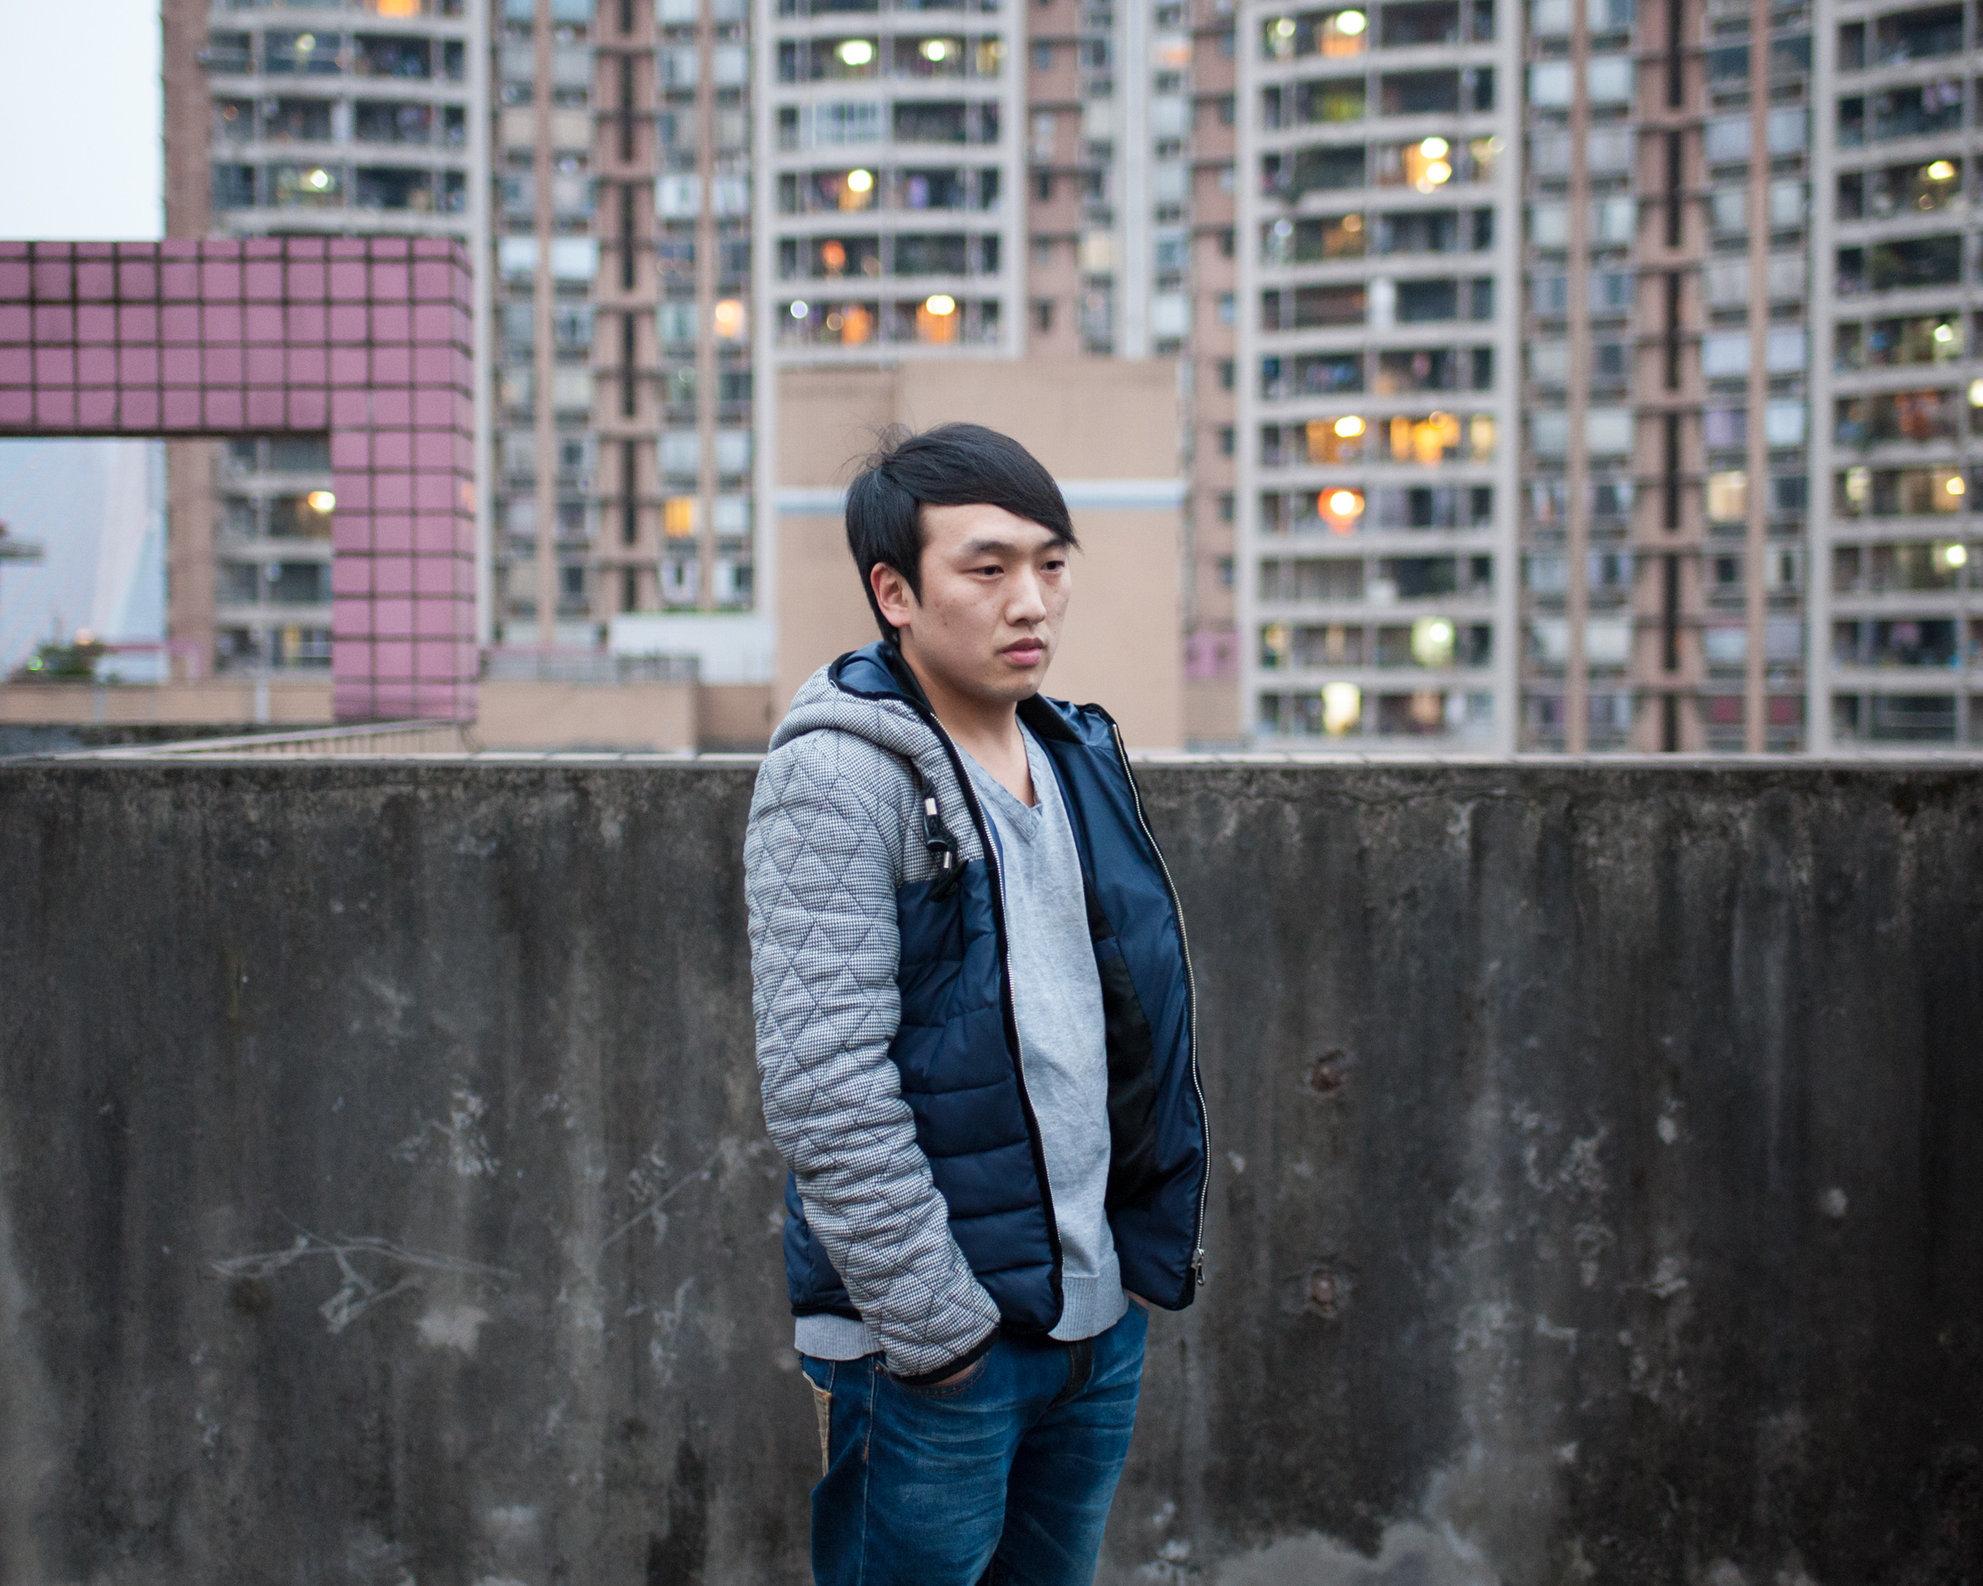 02_julien_hazemann_portraits CQ.jpg